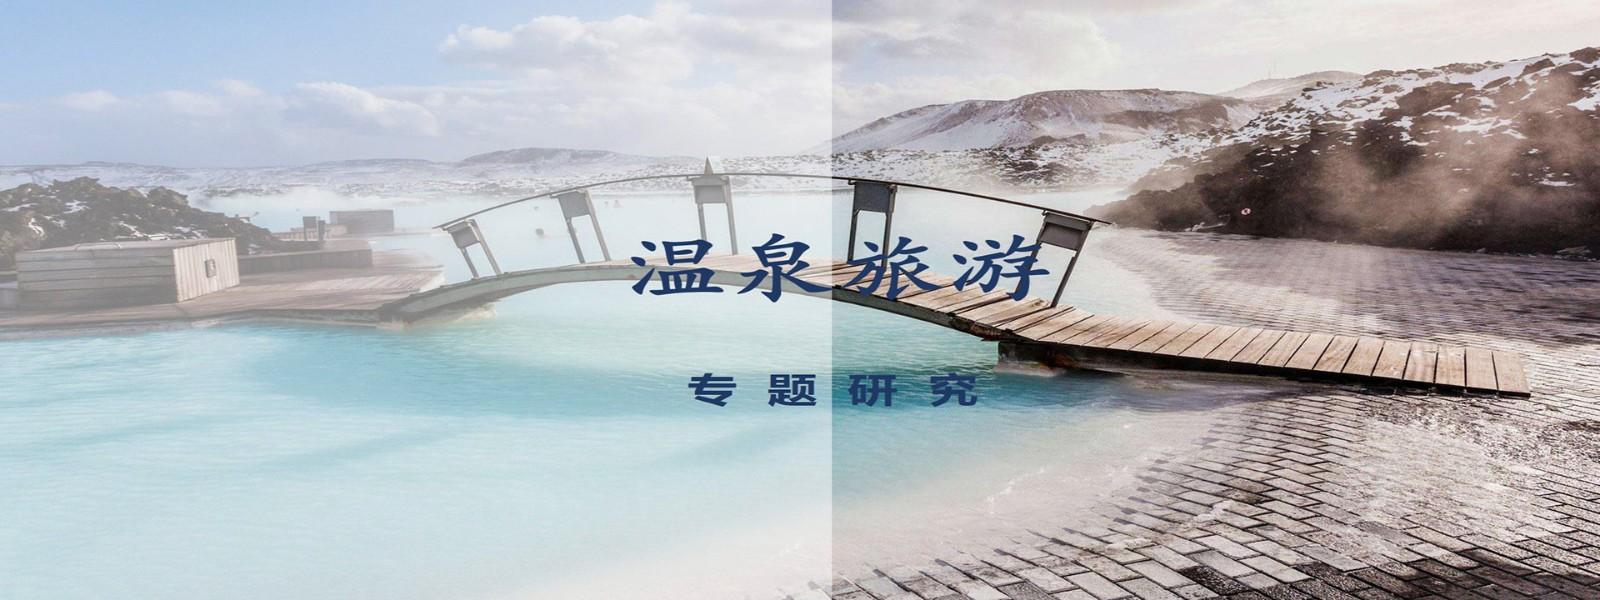 """用日本温泉产业来""""解码""""我国温泉景区(度假区)的发展路径"""